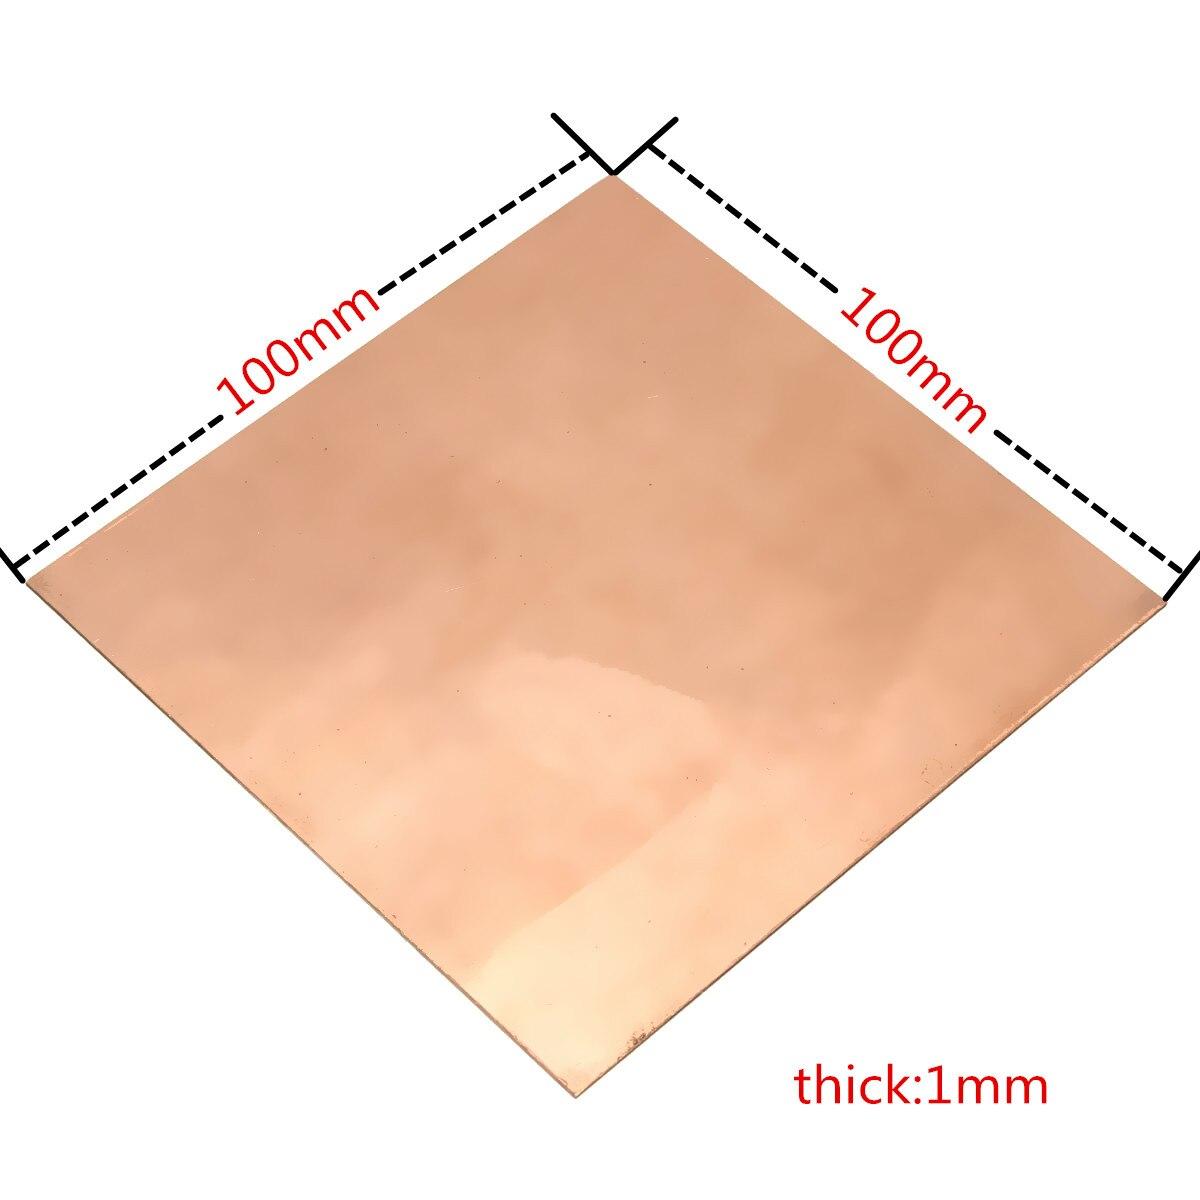 Абсолютно новая 99.9% Чистая Медь Cu металлическая гильотинная листовая пластина 1 мм * 100 мм * 100 мм безопасная оптовая цена